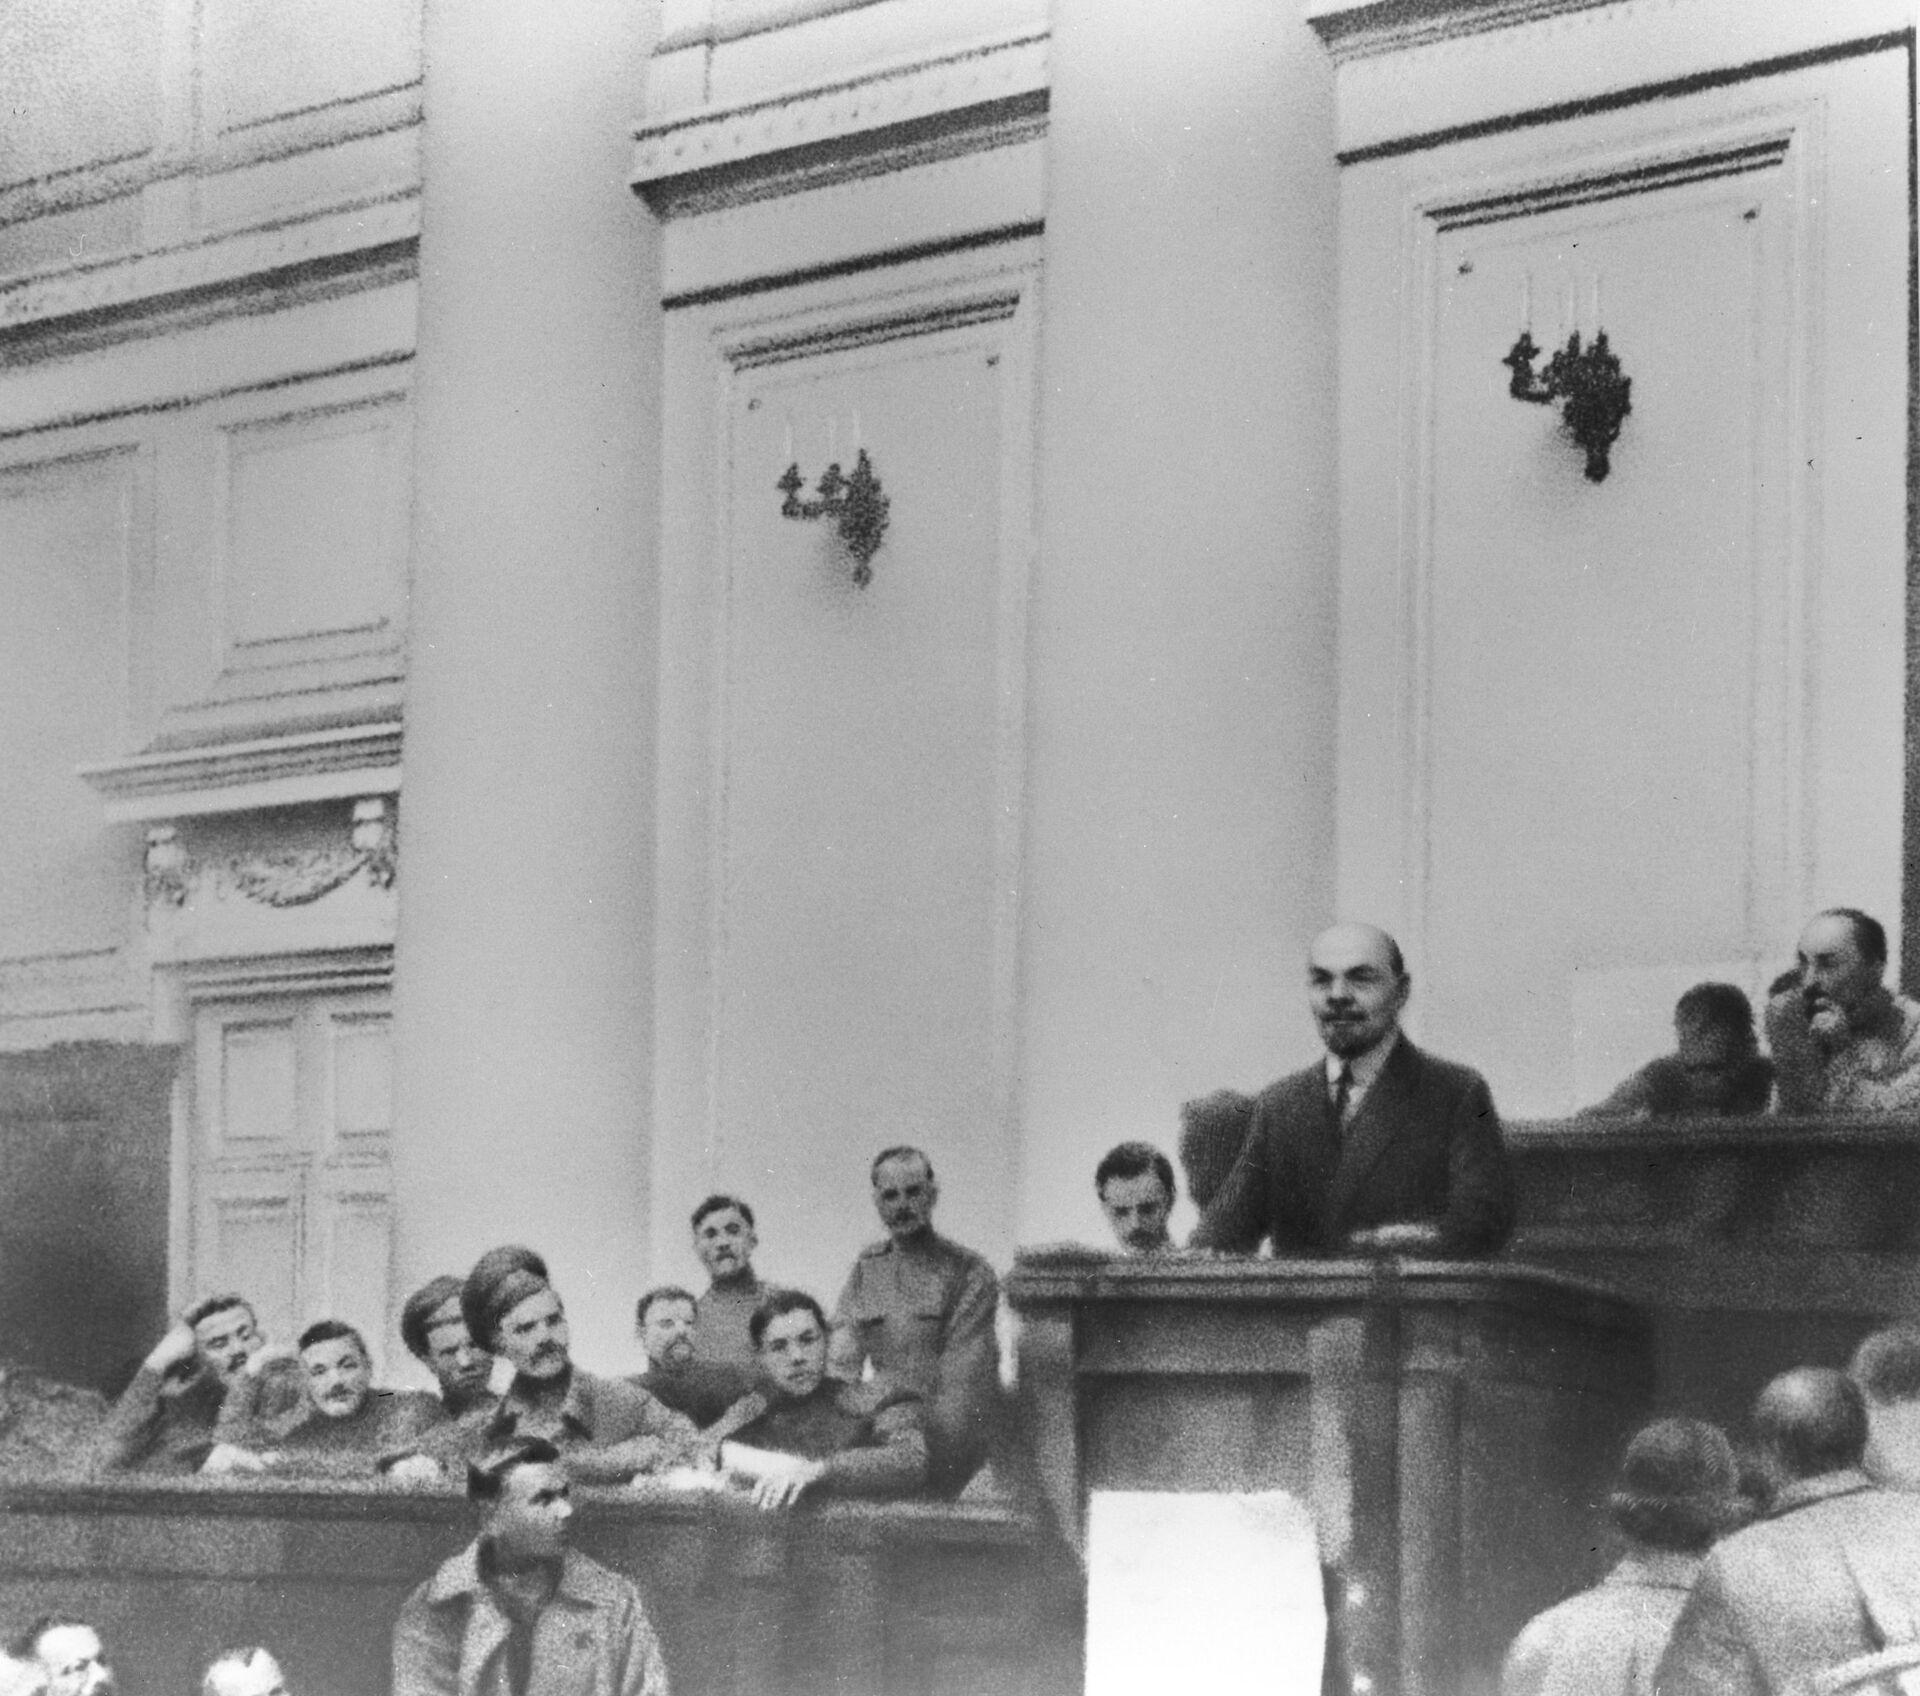 Владимир Ленин выступает в зале заседаний Таврического дворца с Апрельскими тезисами. Апрель 1917 года  - РИА Новости, 1920, 05.09.2021